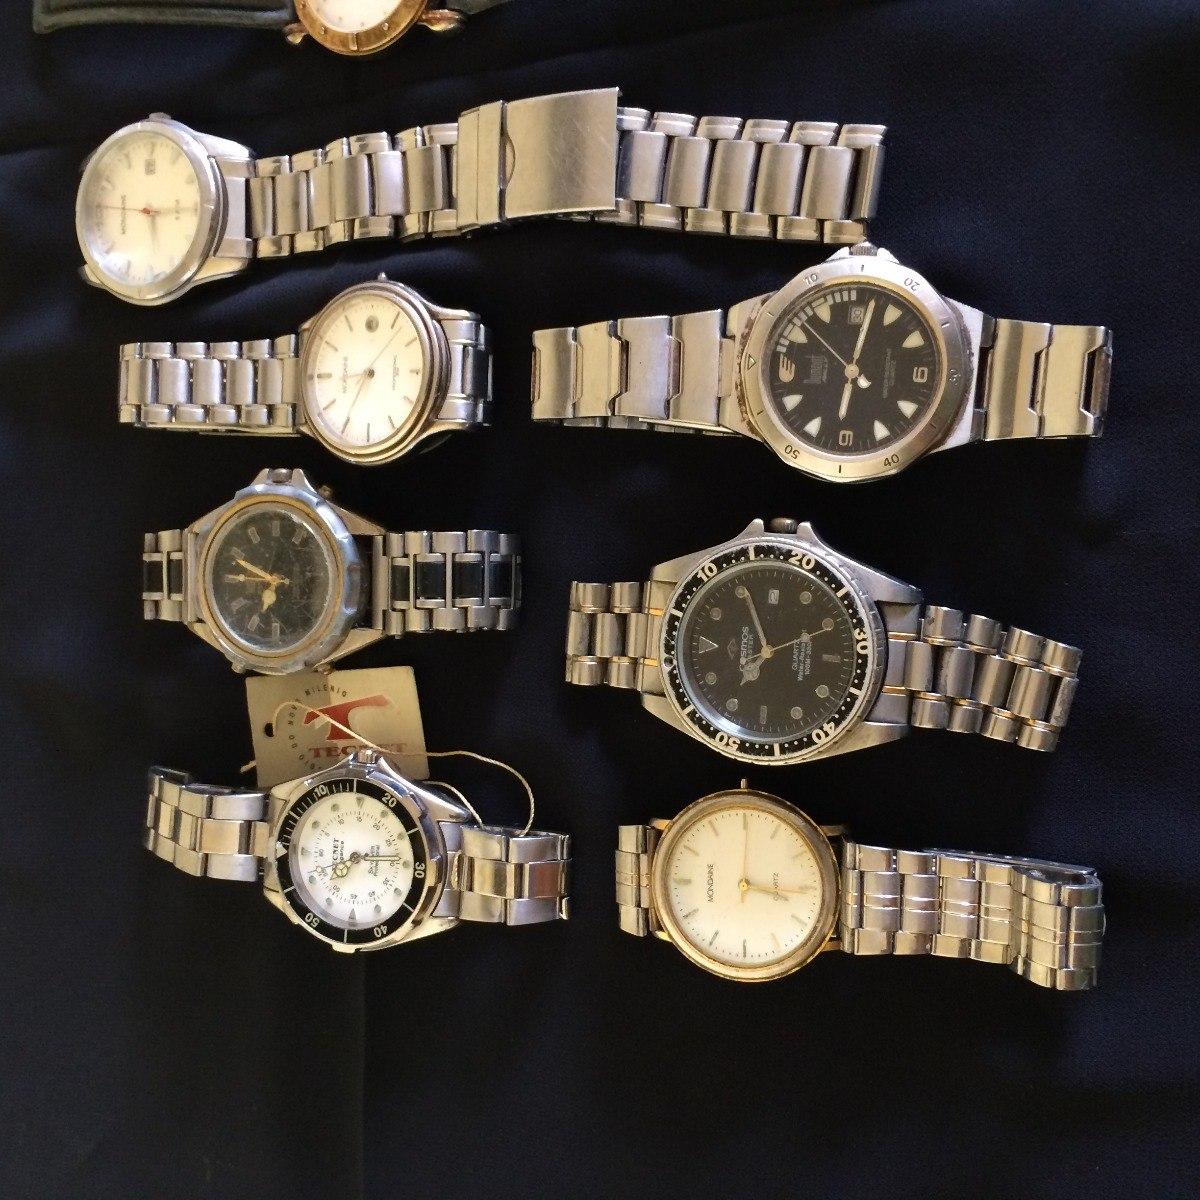 6b47831555b ... relógios de pulso masculinos varias marcas. Carregando zoom.